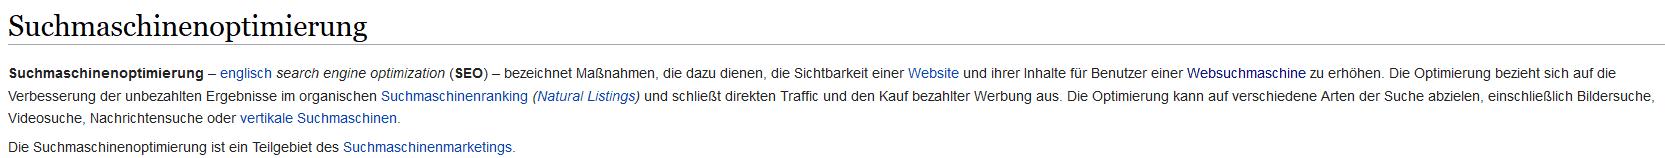 Beispiel wiki